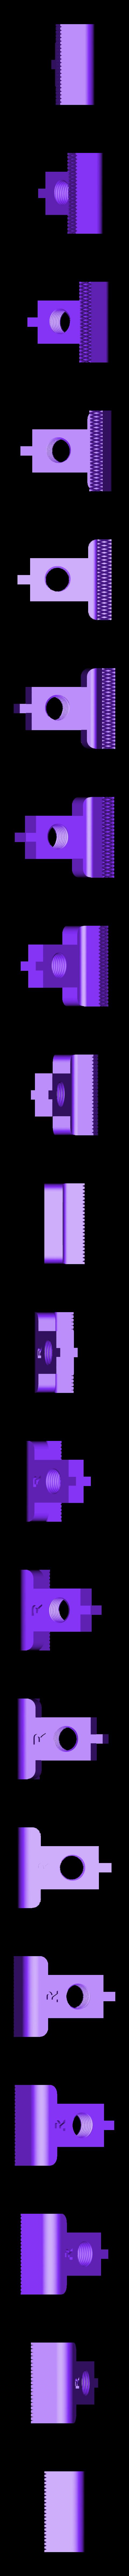 rightClamp.stl Télécharger fichier STL gratuit Oldie Vice • Design pour impression 3D, AnsonB